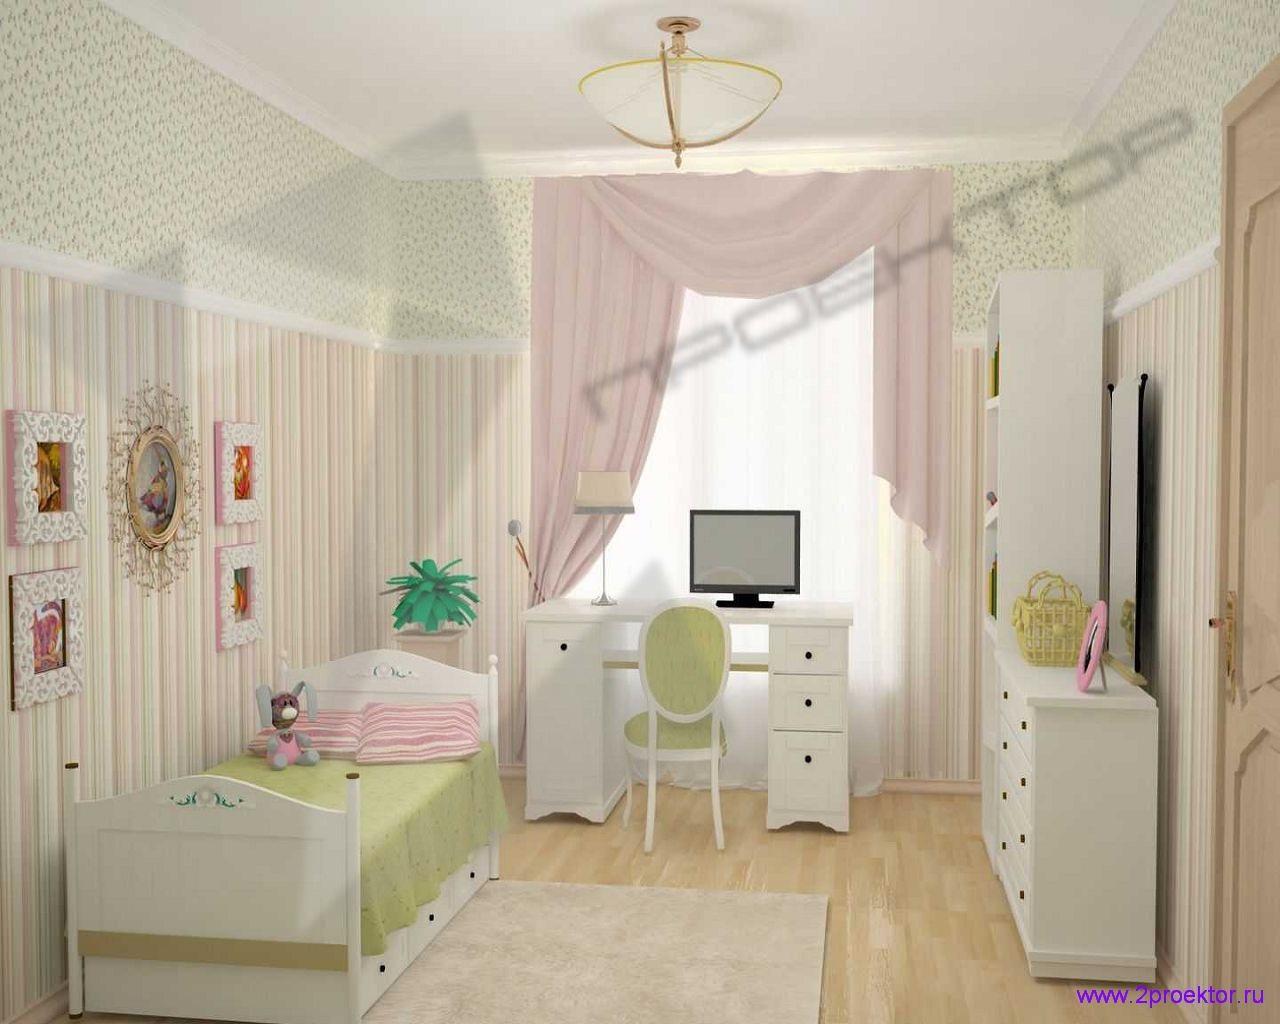 Уютный дизайн детской комнаты в Жилом комплексе Долина Грез